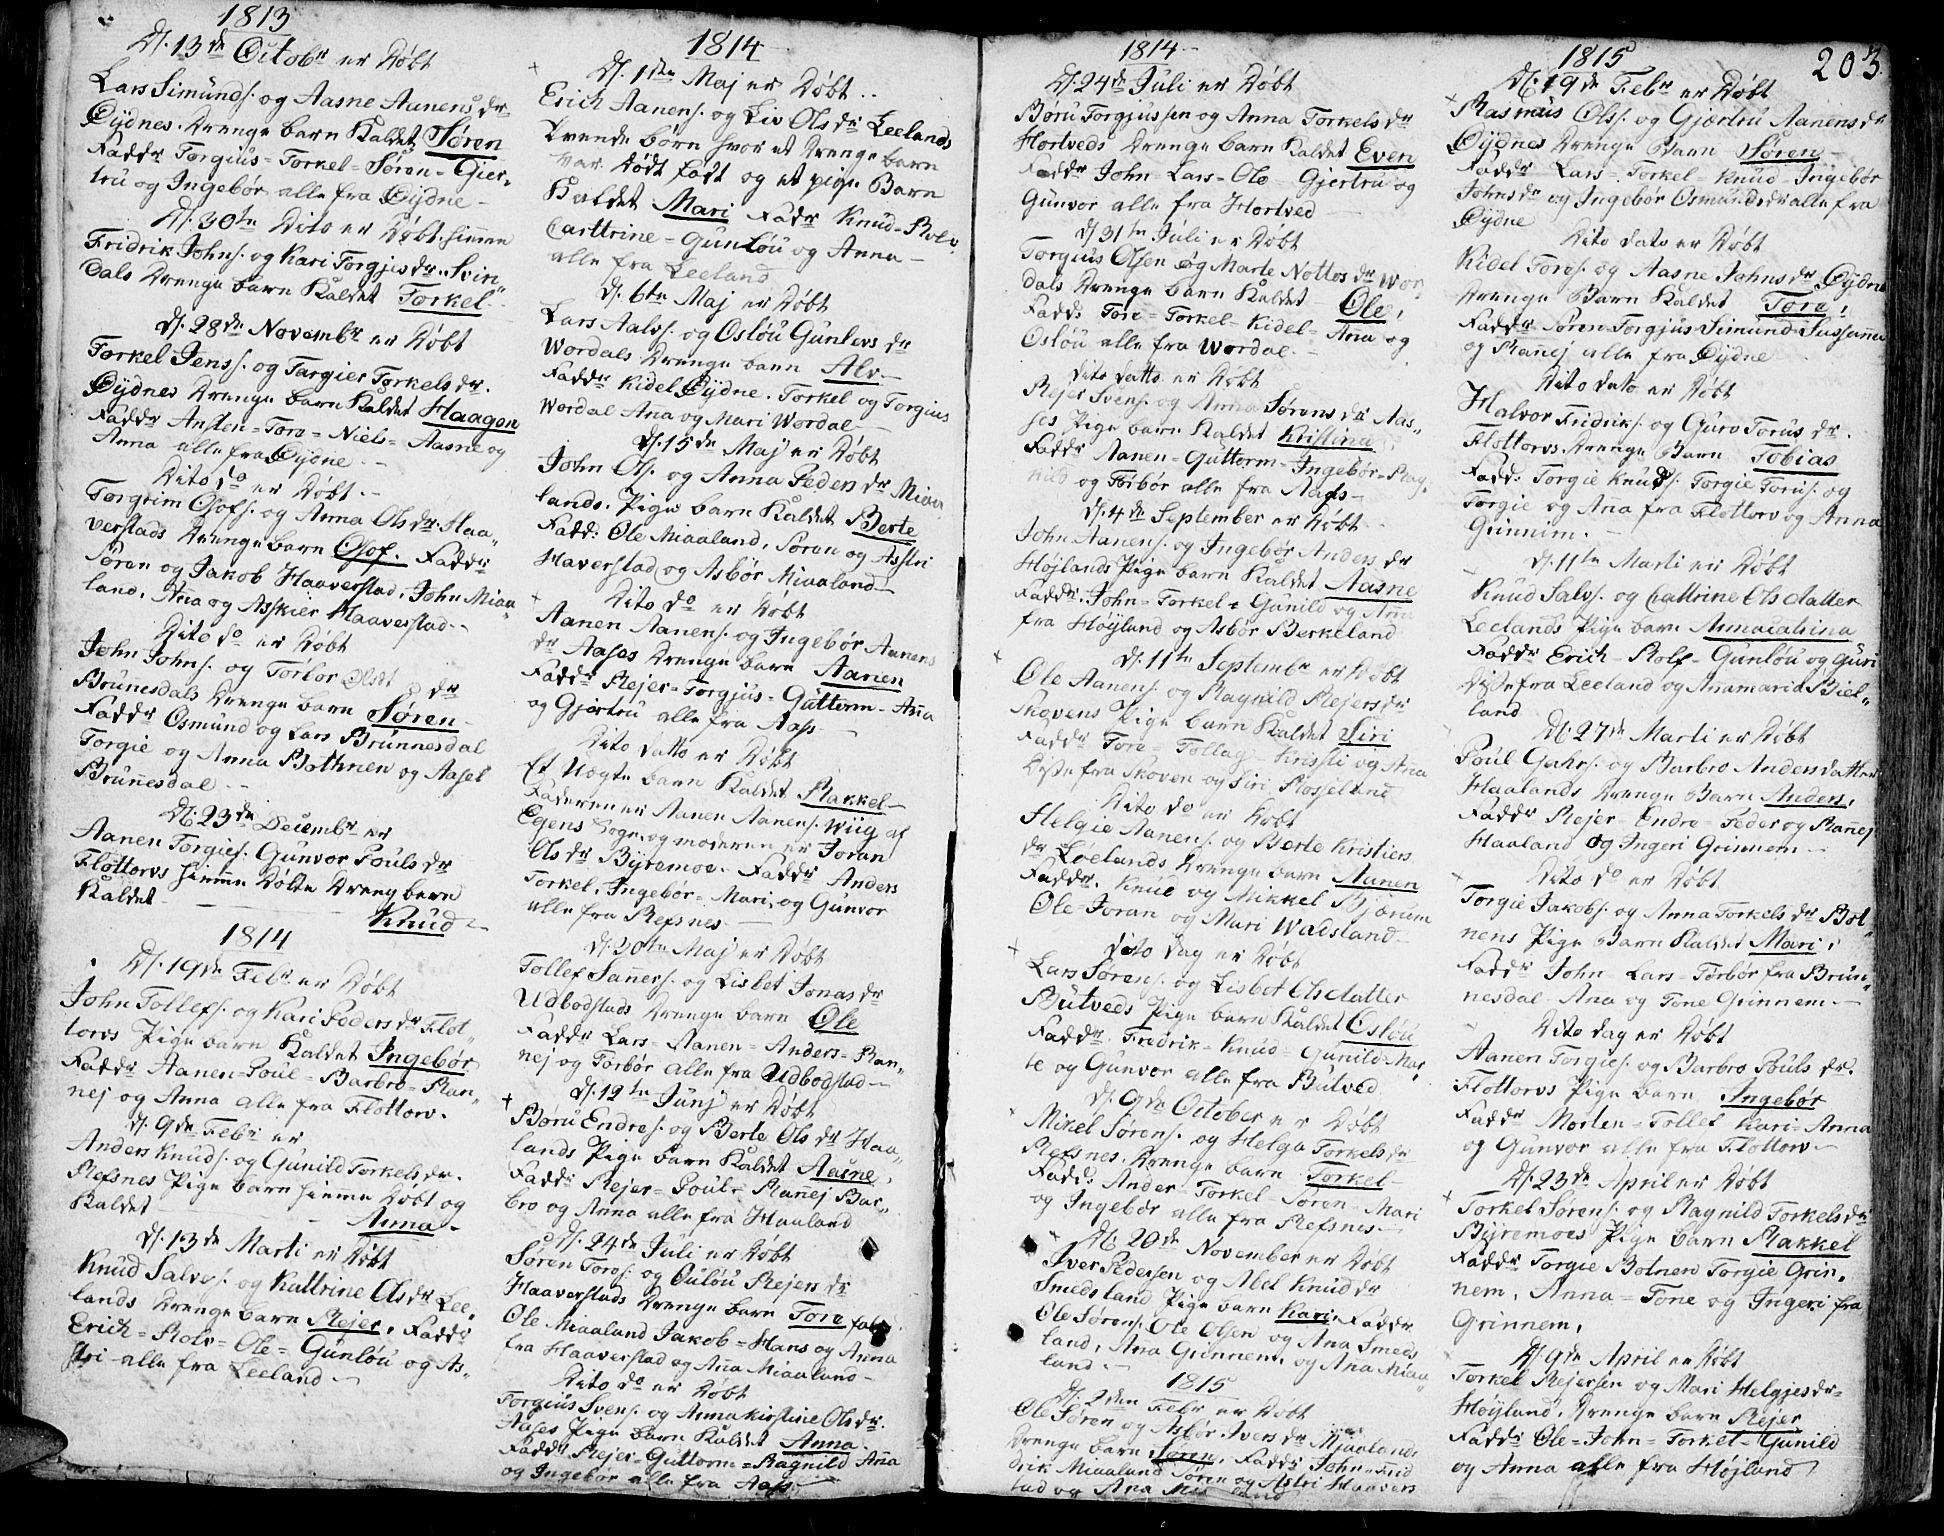 SAK, Bjelland sokneprestkontor, F/Fa/Faa/L0001: Ministerialbok nr. A 1 /3, 1793-1815, s. 203